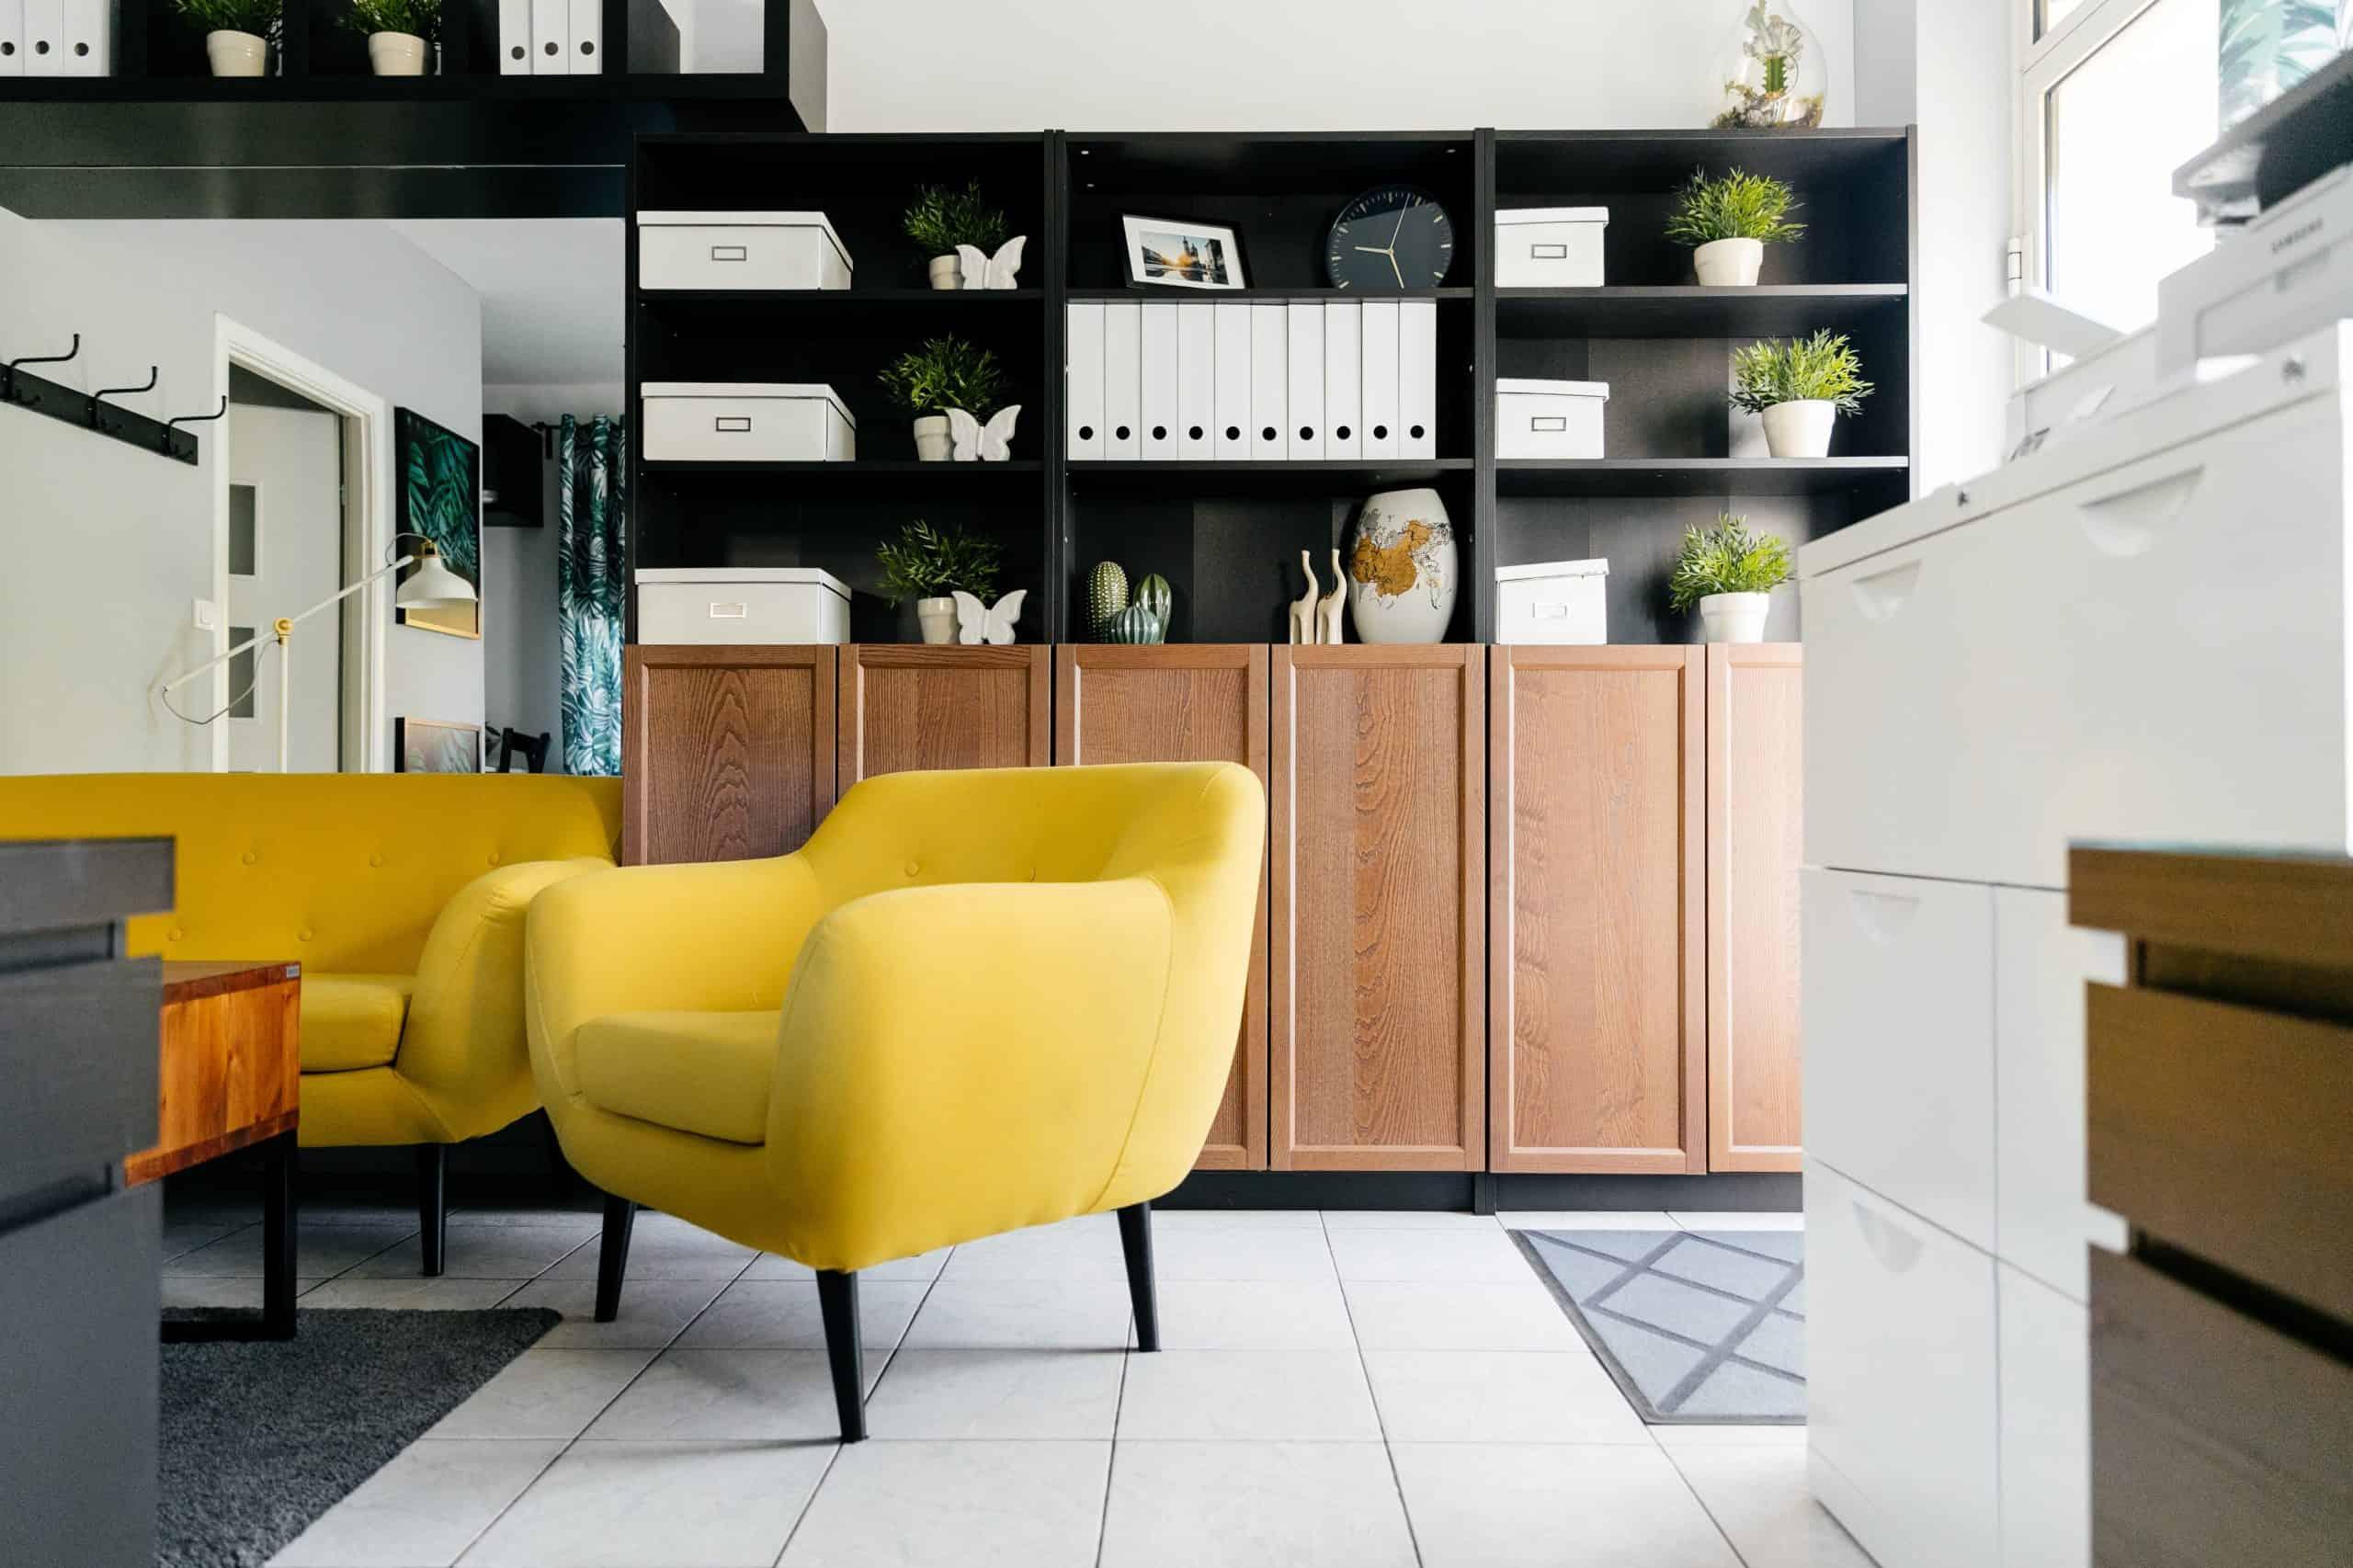 Žltá farba oživí váš interiér. Zdroj: Pexels.com